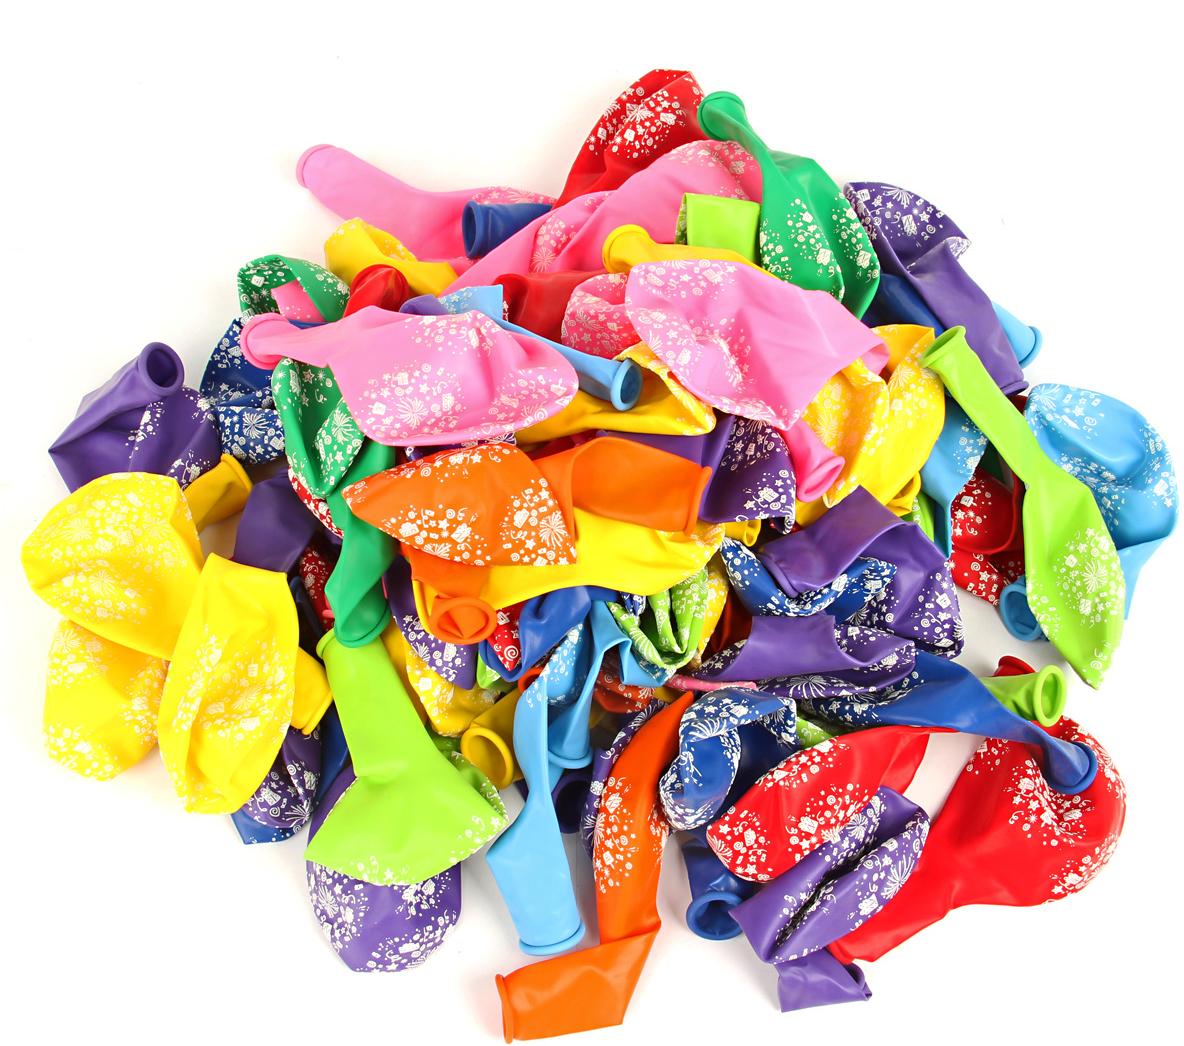 Веселый хоровод Набор шаров 30 см 100 шт цвет в ассортименте KL40925